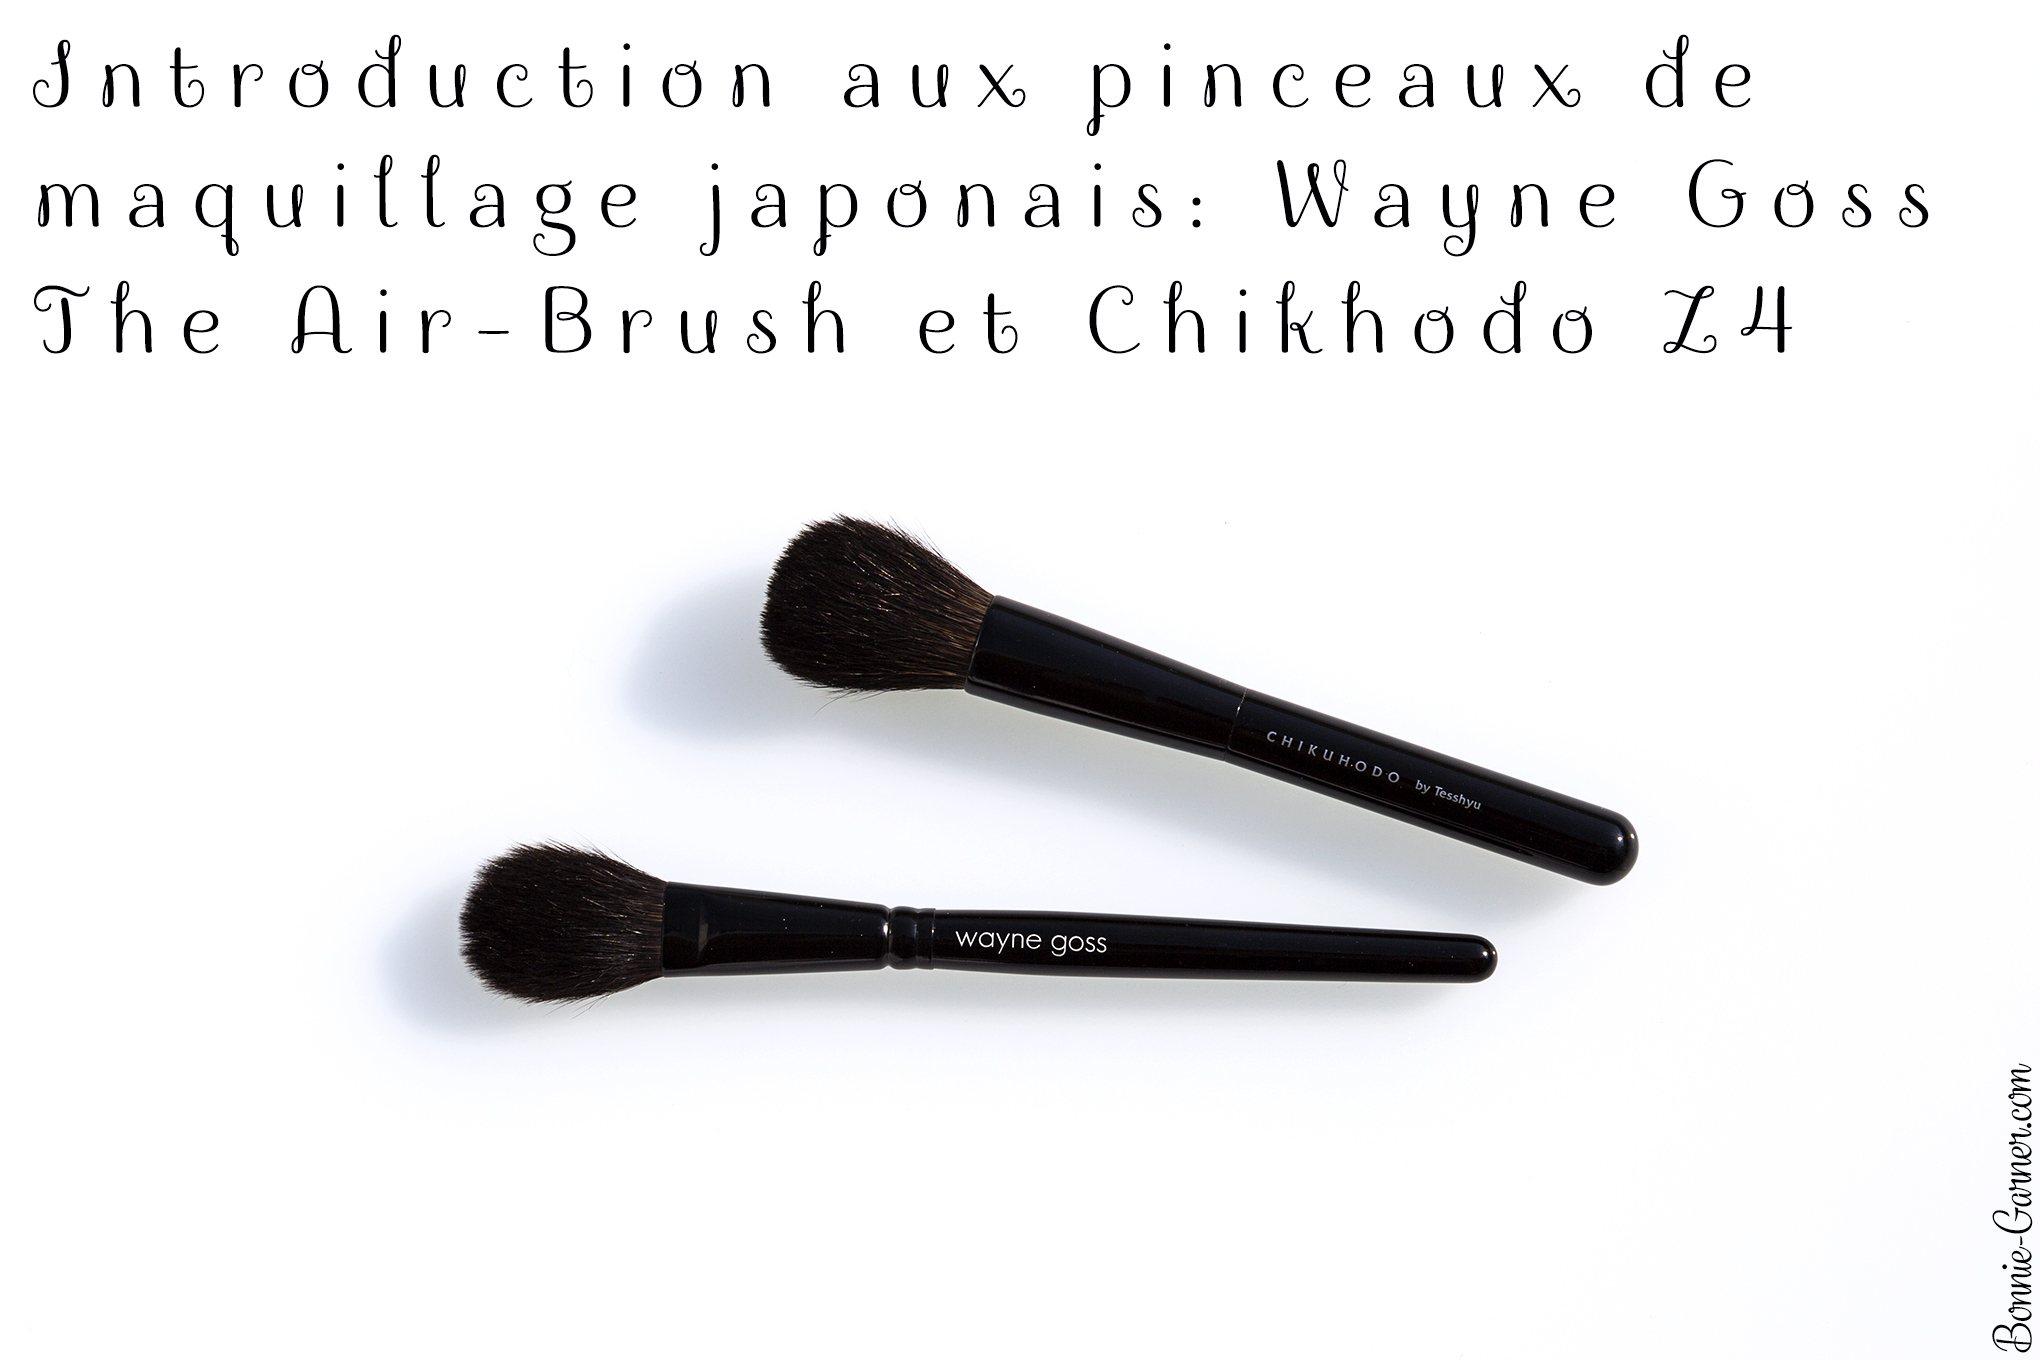 Introduction aux pinceaux de maquillage japonais: Wayne Goss The Air-Brush et Chikuhodo Z4